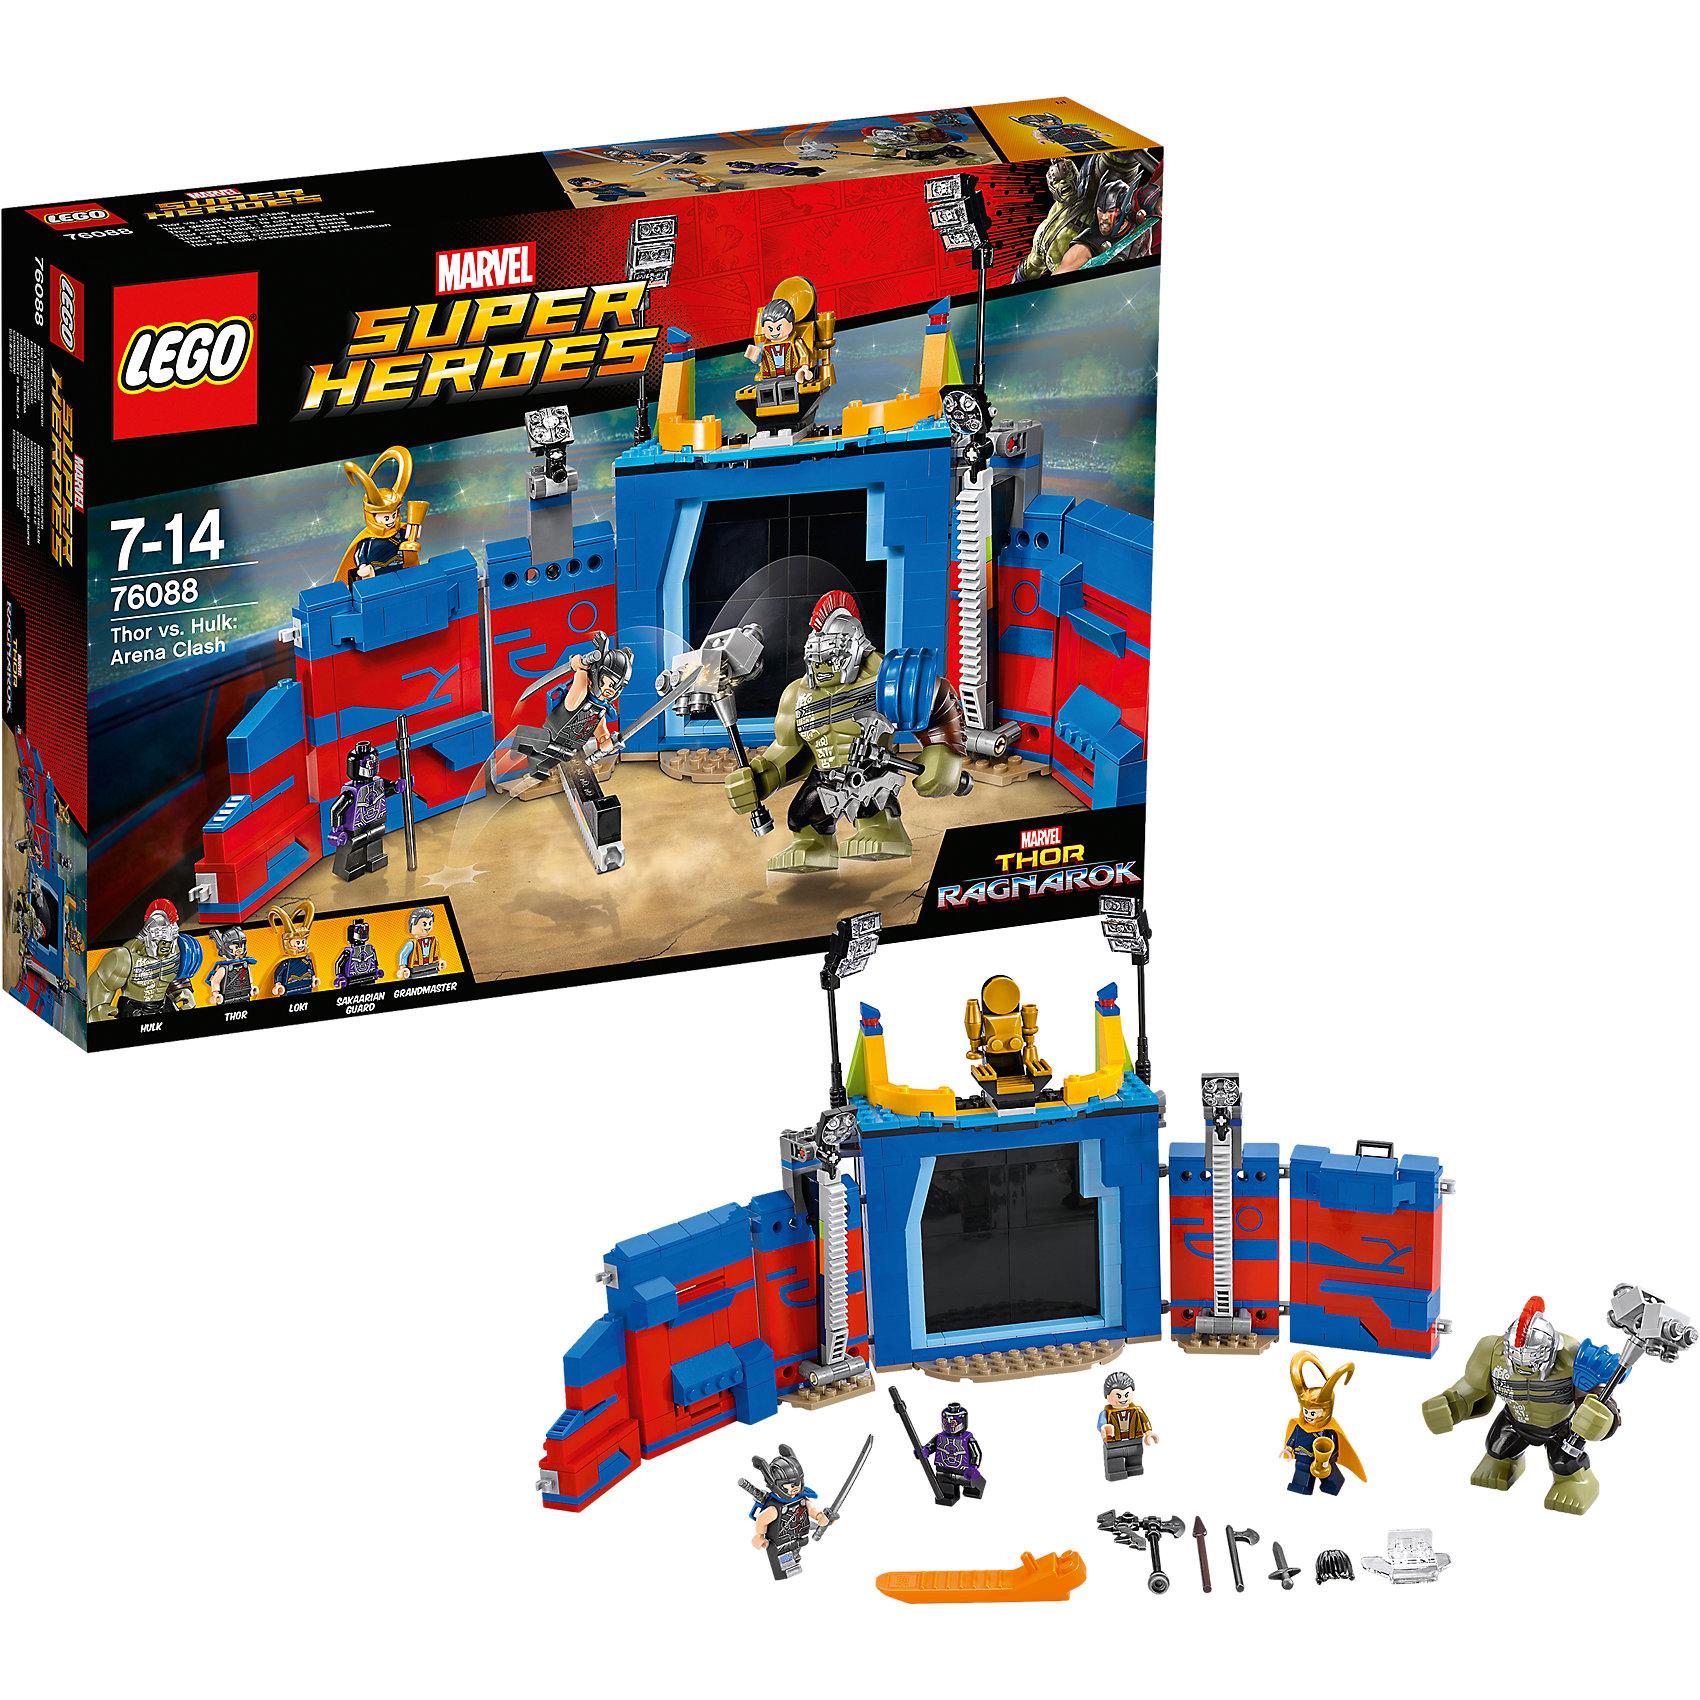 Конструктор Lego Super Heroes 76088: Тор против Халка: Бой на аренеПластмассовые конструкторы<br>Характеристики товара:<br><br>• возраст: от 7 лет;<br>• материал: пластик;<br>• в комплекте: 492 детали;<br>• количество минифигурок: 5;<br>• размер упаковки: 26,2х38,2х7,1 см;<br>• вес упаковки: 800 гр.;<br>• страна производитель: Китай.<br><br>Конструктор Lego Super Heroes «Тор против Халка: Бой на арене» создан по мотивам фильма «Тор: Рагнарёк». Он воспроизводит одну из самых известных сцен в фильме — бой Тора против Халка. Они вынуждены сражаться друг против друга из-за воздействия Гроссмейстера, который наблюдает за сражением на арене.<br><br>Из элементов конструктора предстоит собрать 5 фигурок персонажей и арену. Все детали выполнены из качественных безопасных материалов. В процессе сборки конструктора у детей развиваются мелкая моторика рук, усидчивость, логическое мышление.<br><br>Конструктор Lego Super Heroes «Тор против Халка: Бой на арене» можно приобрести в нашем интернет-магазине.<br><br>Ширина мм: 382<br>Глубина мм: 262<br>Высота мм: 71<br>Вес г: 780<br>Возраст от месяцев: 84<br>Возраст до месяцев: 2147483647<br>Пол: Мужской<br>Возраст: Детский<br>SKU: 5620010